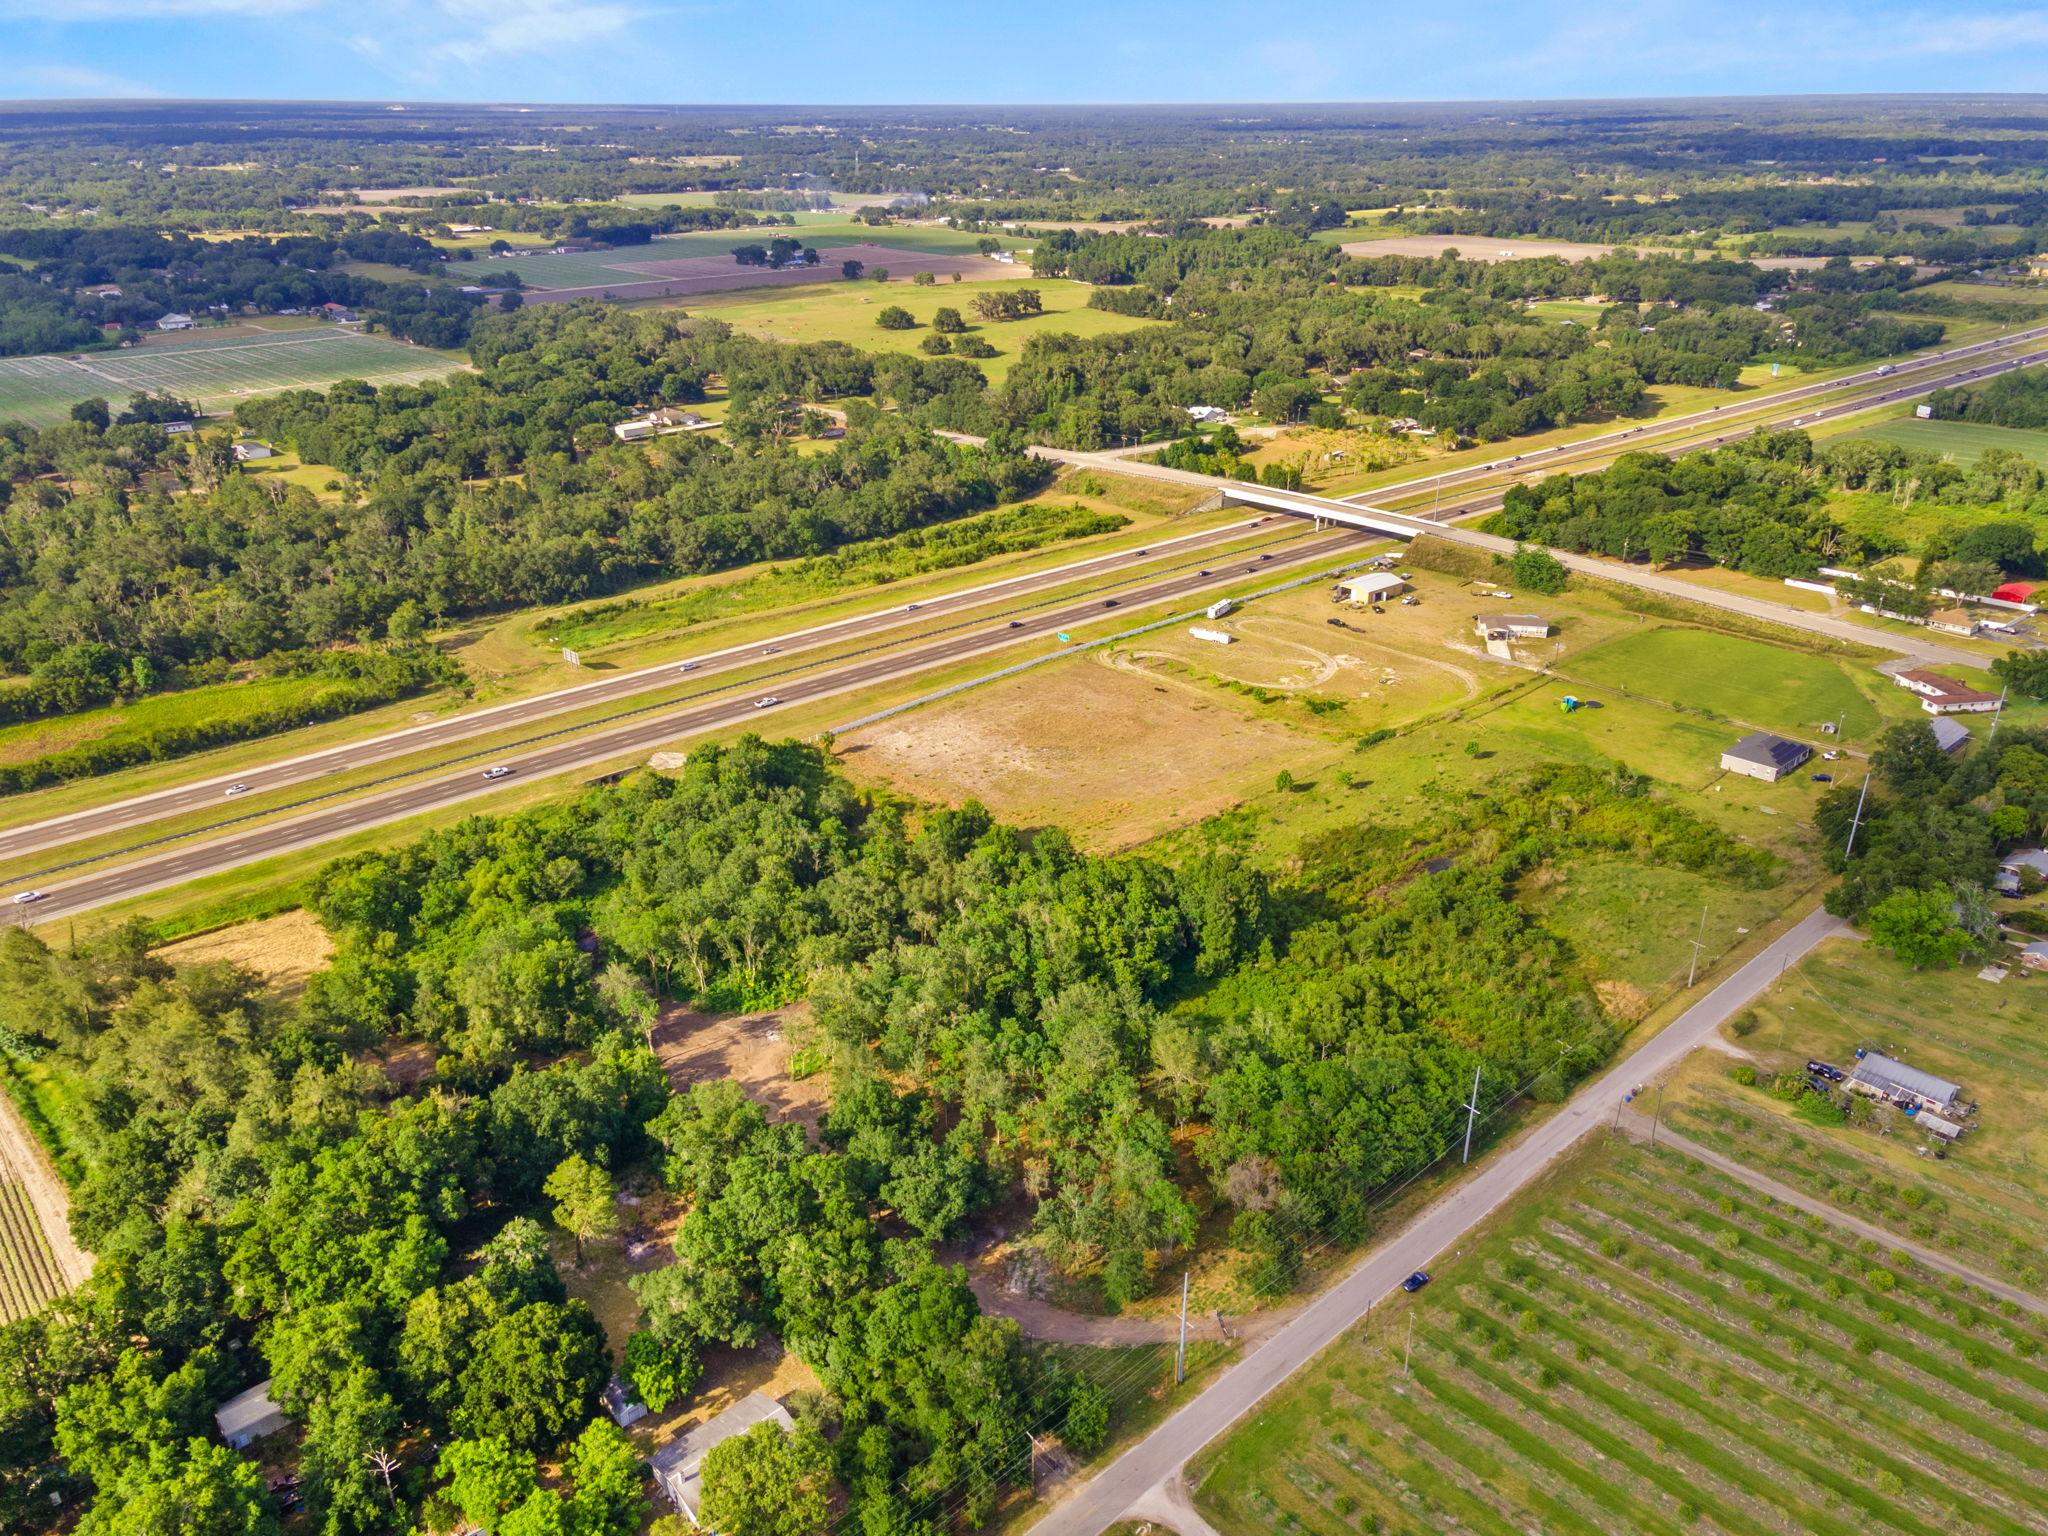 13716 Glen Harwell Rd, Dover, FL 33527, US Photo 8